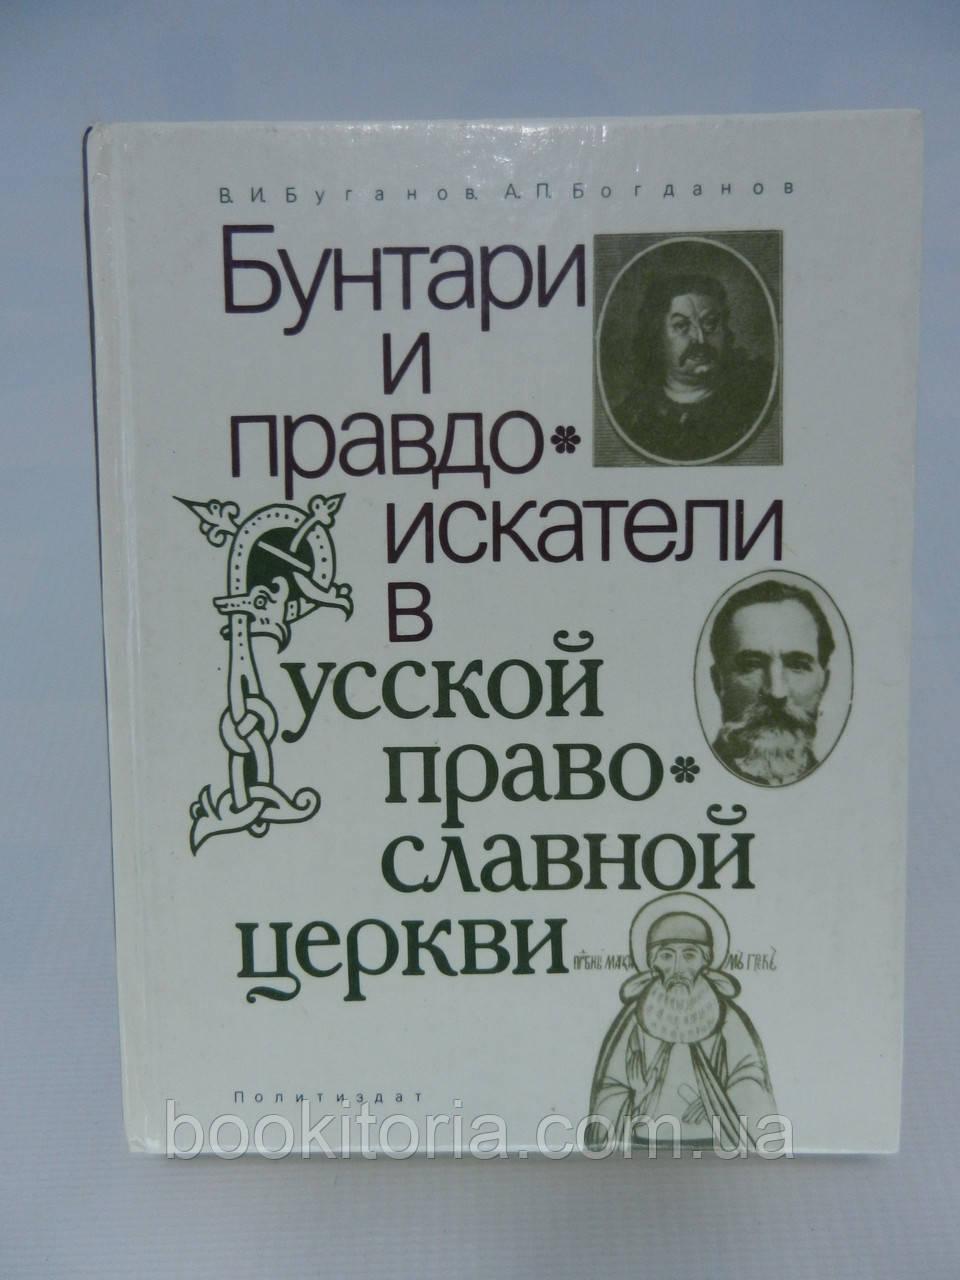 Булгаков В.И., Богданов А.П. Бунтари и правдоискатели в Русской православной церкви (б/у).